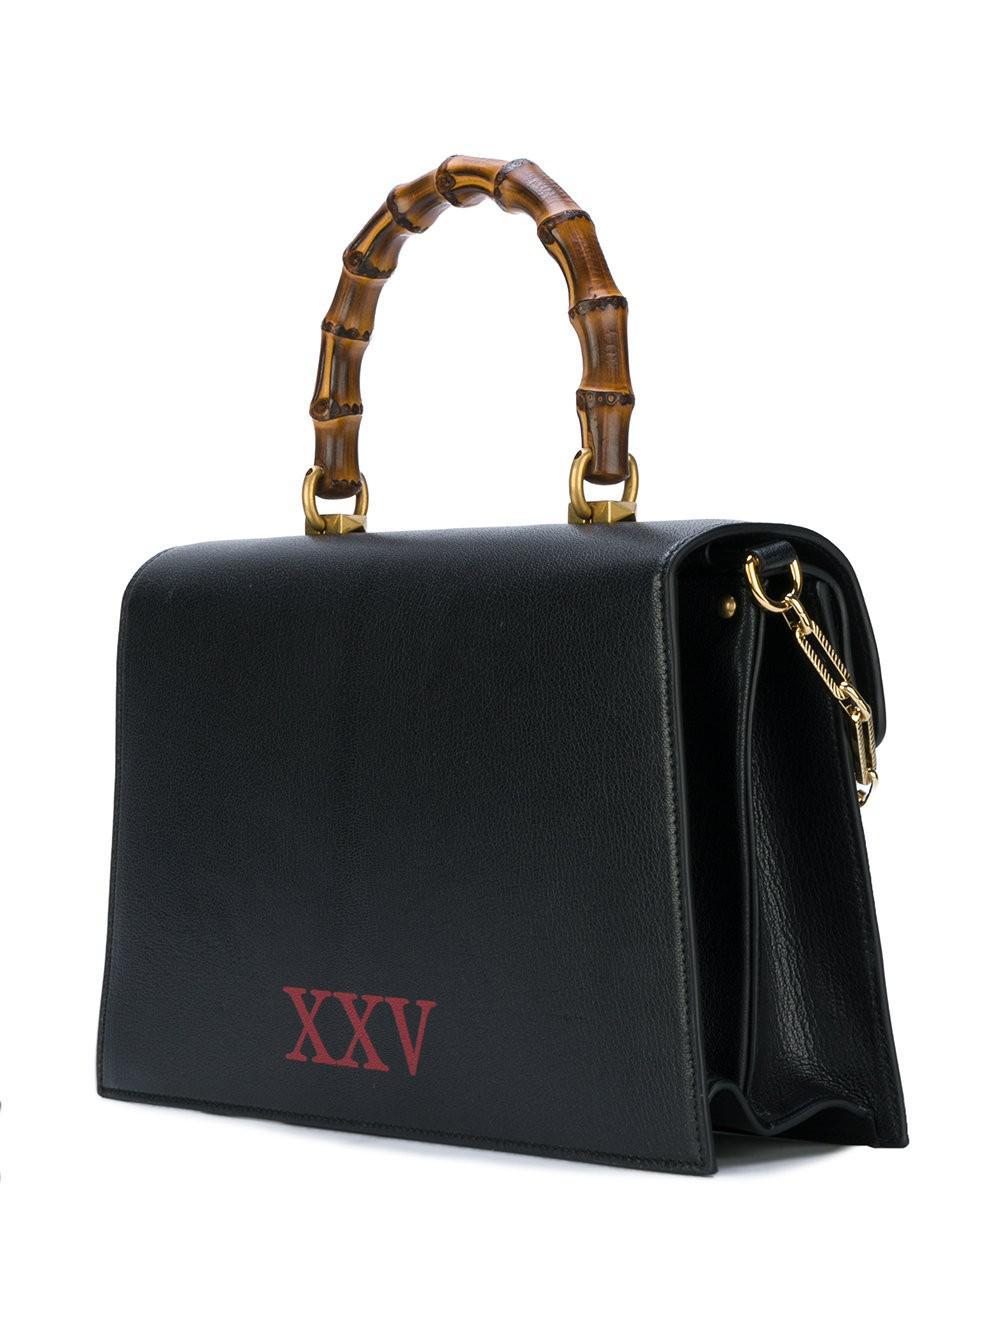 d5c49a94314 Lyst - Gucci Leather Top Handle Bag Ottilia